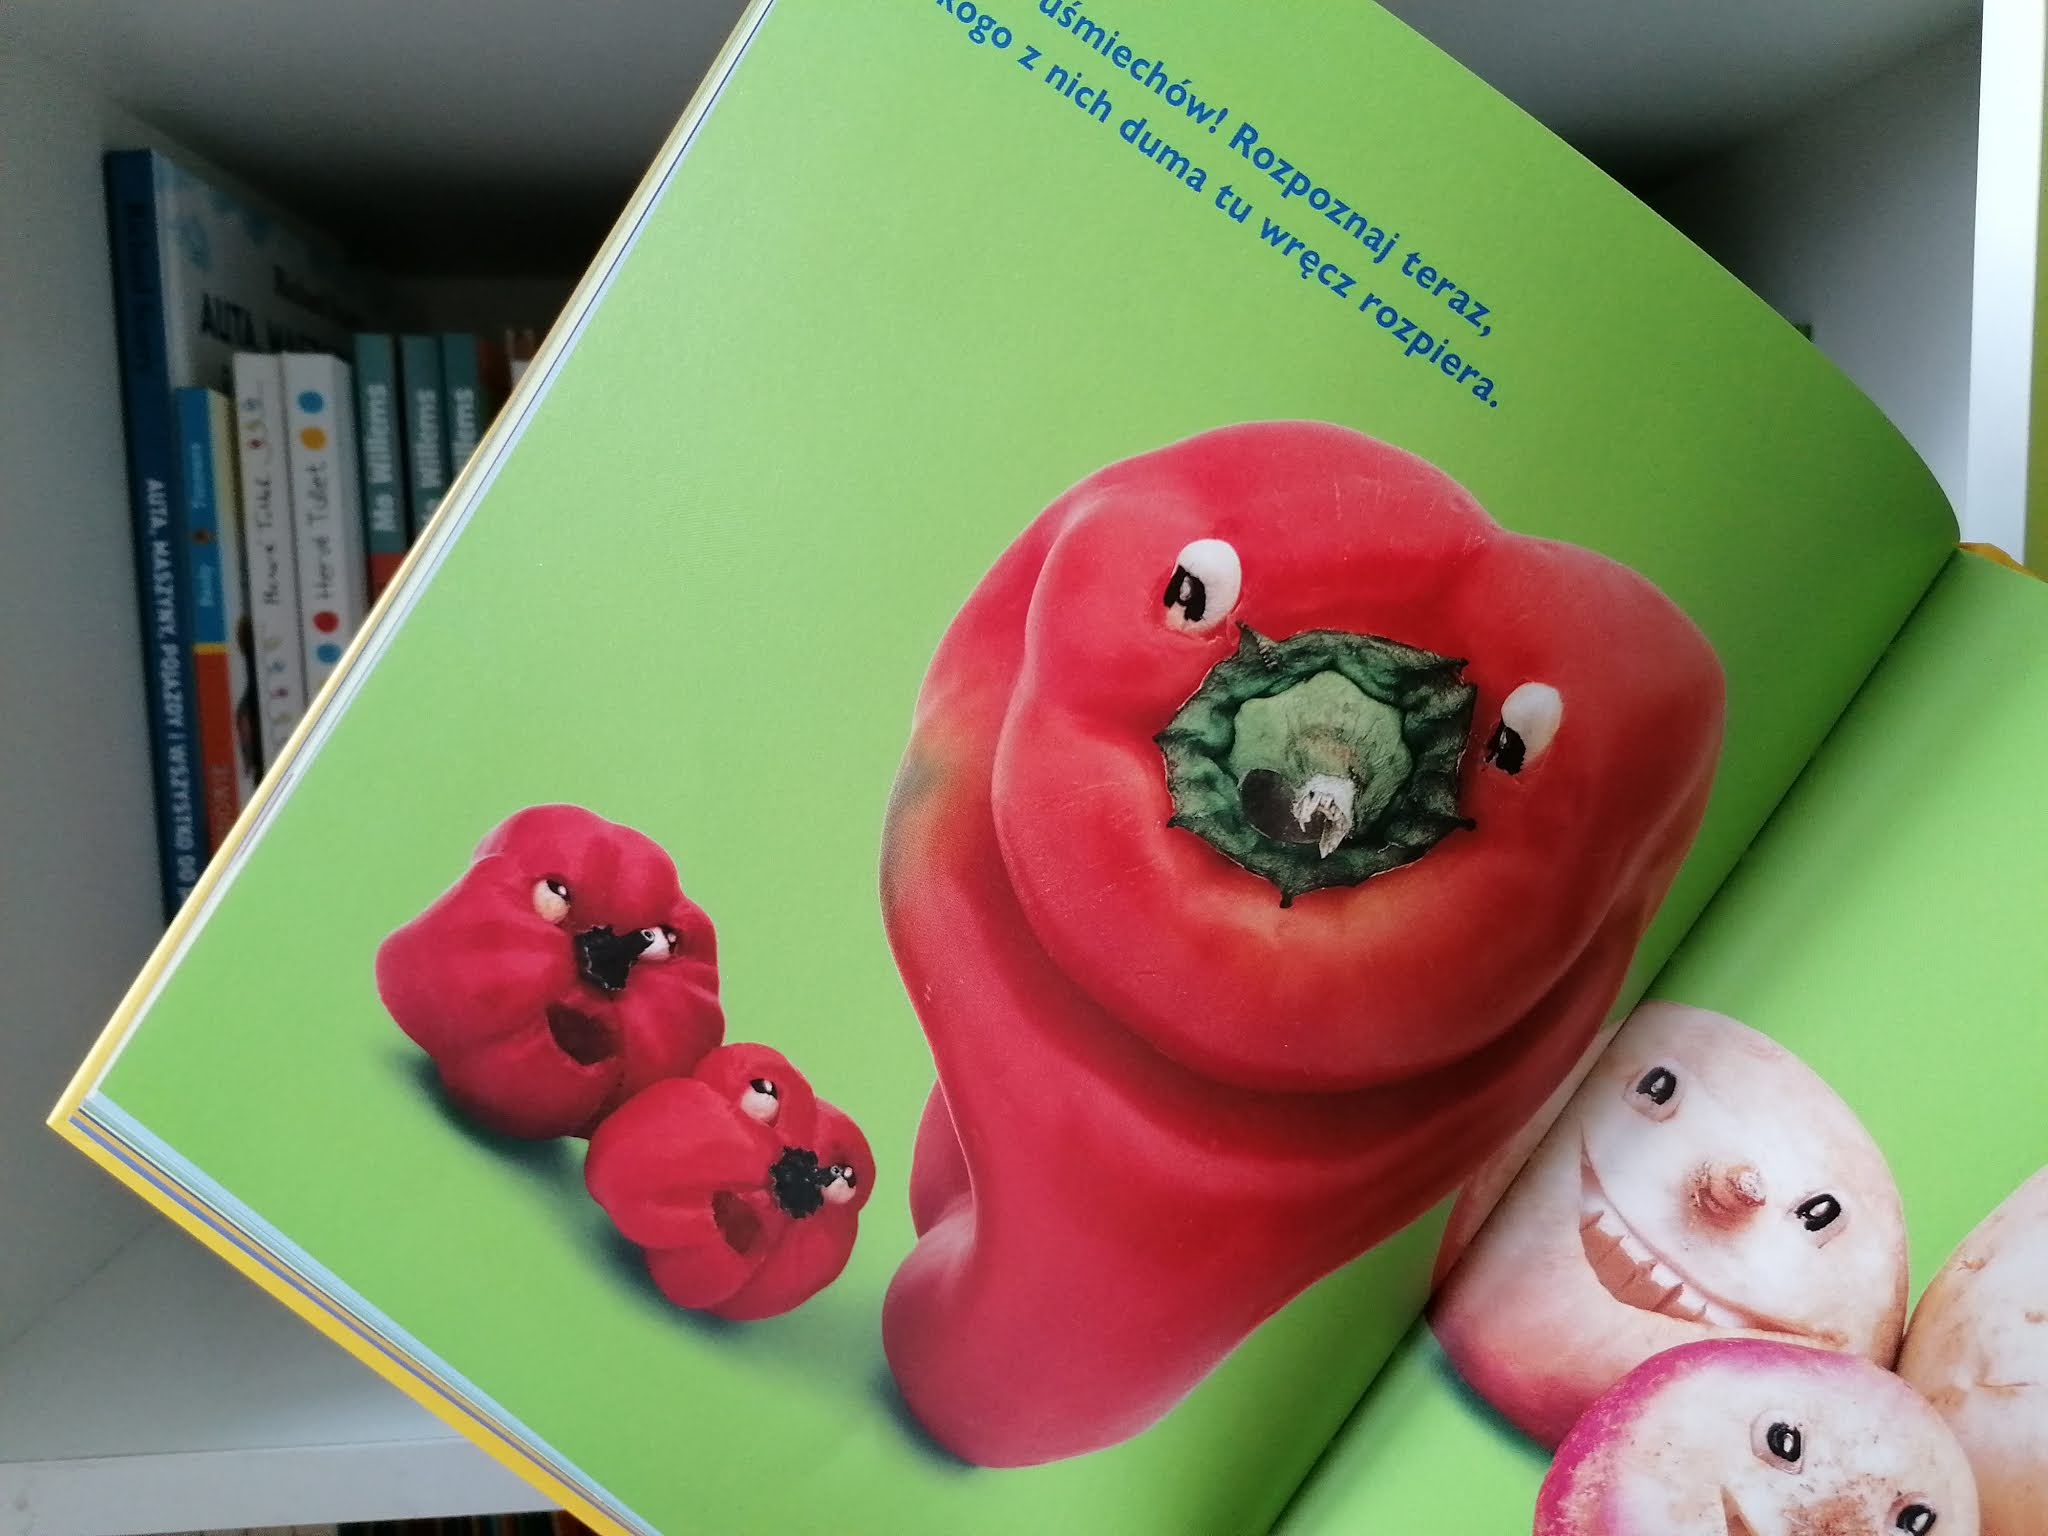 Książka o emocjach